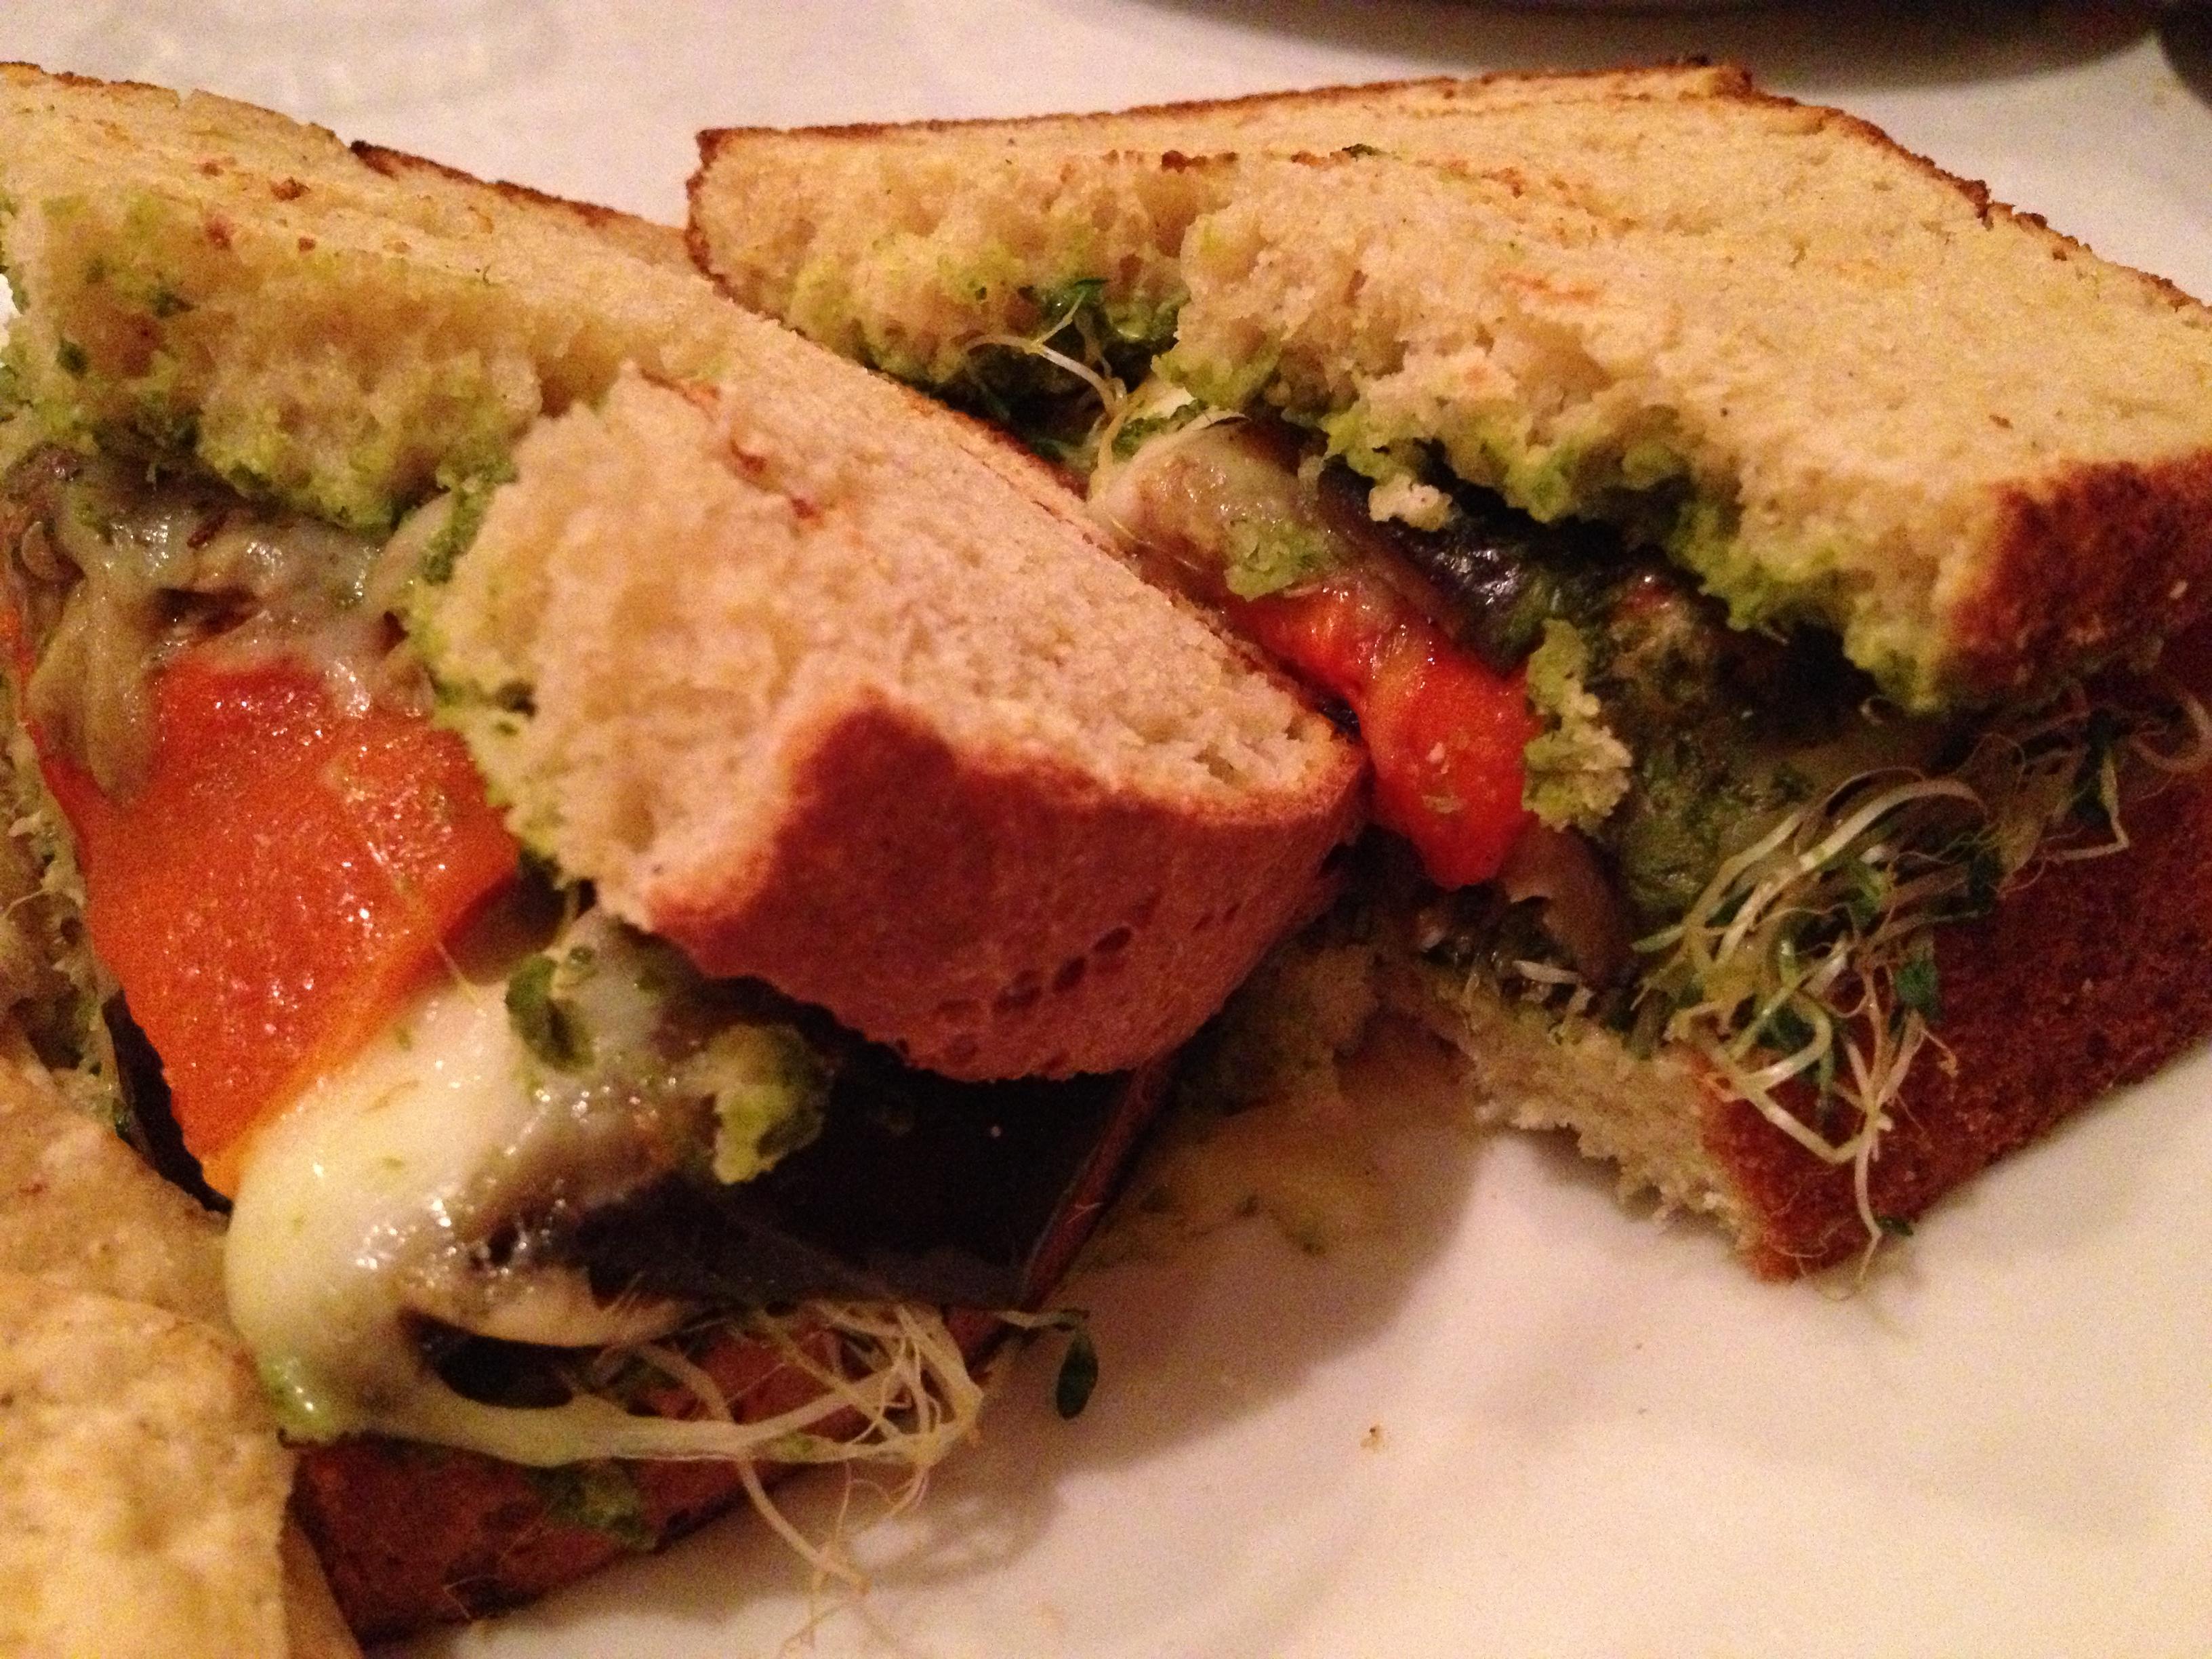 sandwiches | gluten-free in sb | Page 2